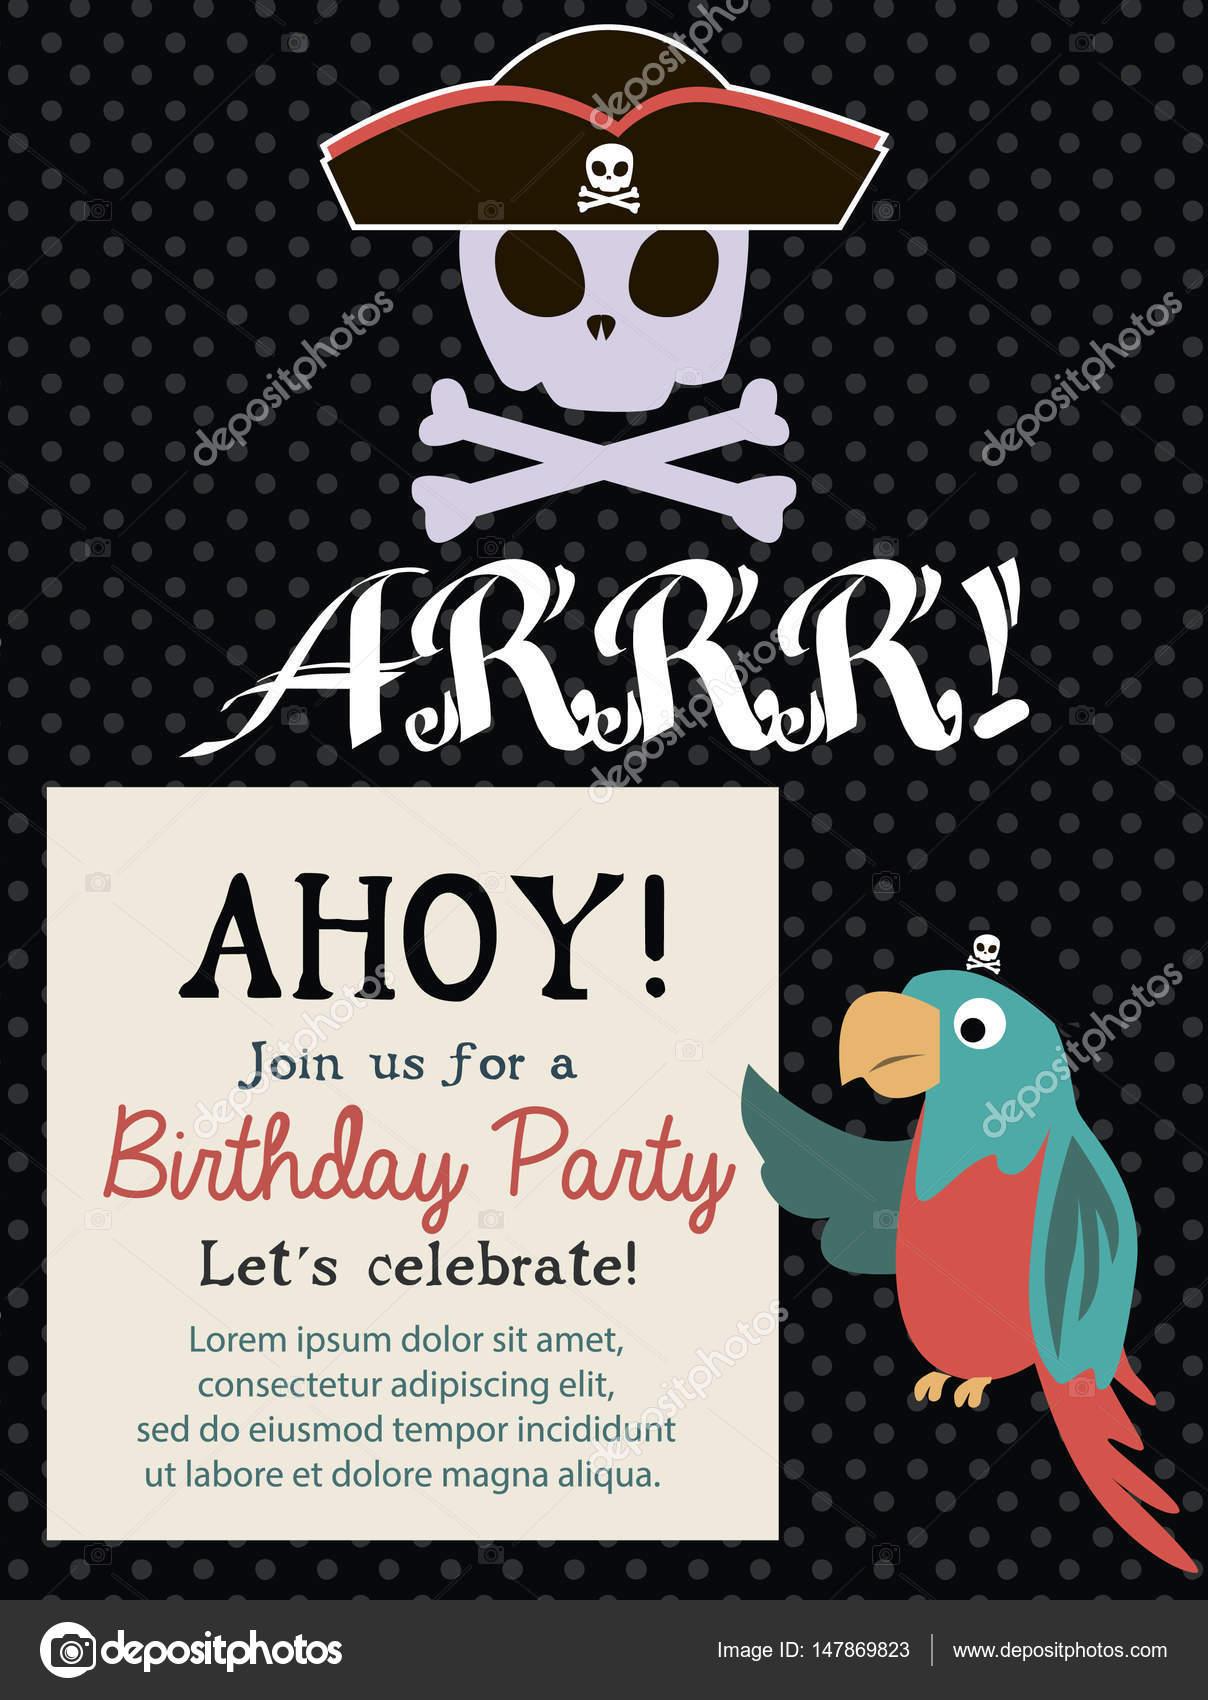 Tarjeta de invitación de cumpleaños pirata — Archivo Imágenes ...